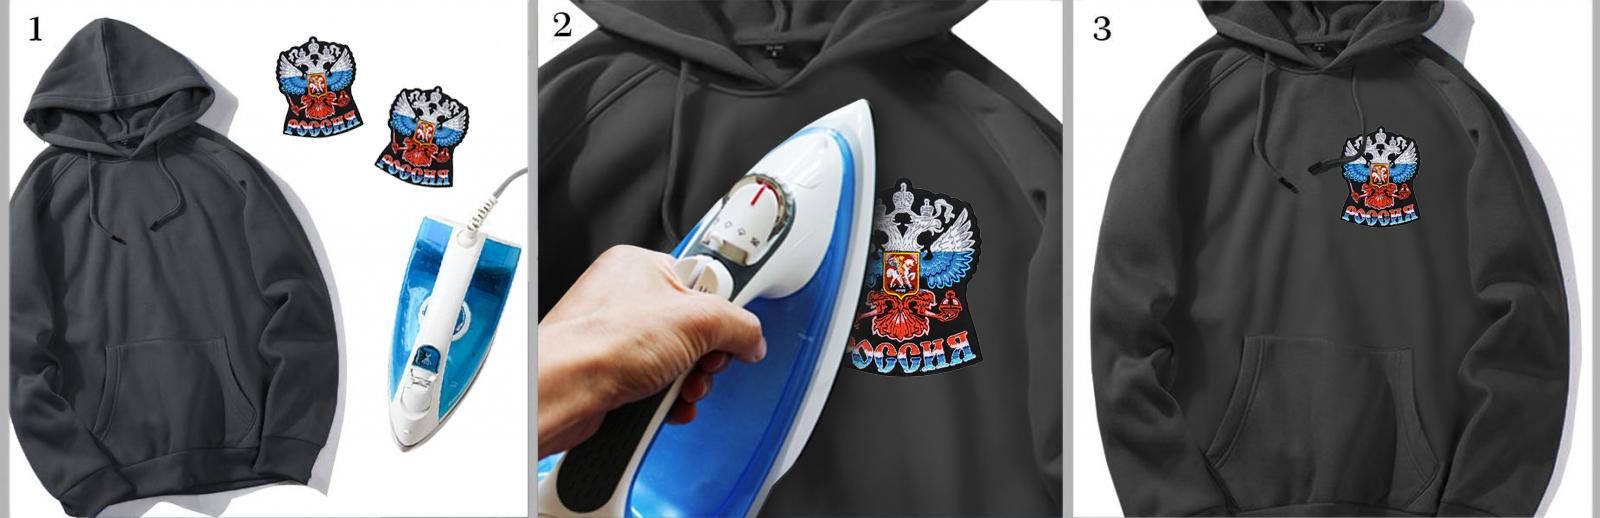 Заказать в интернет магазине термоаппликацию с гербом РФ